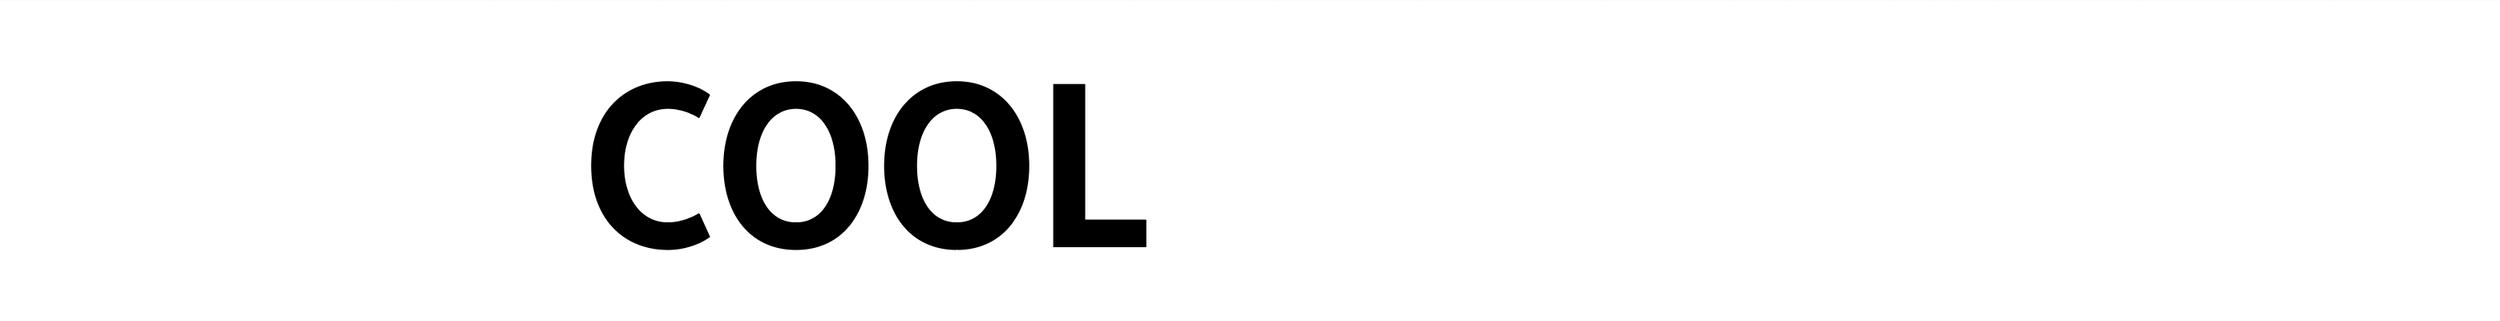 スクリーンショット 2019-03-15 5.08.30.png